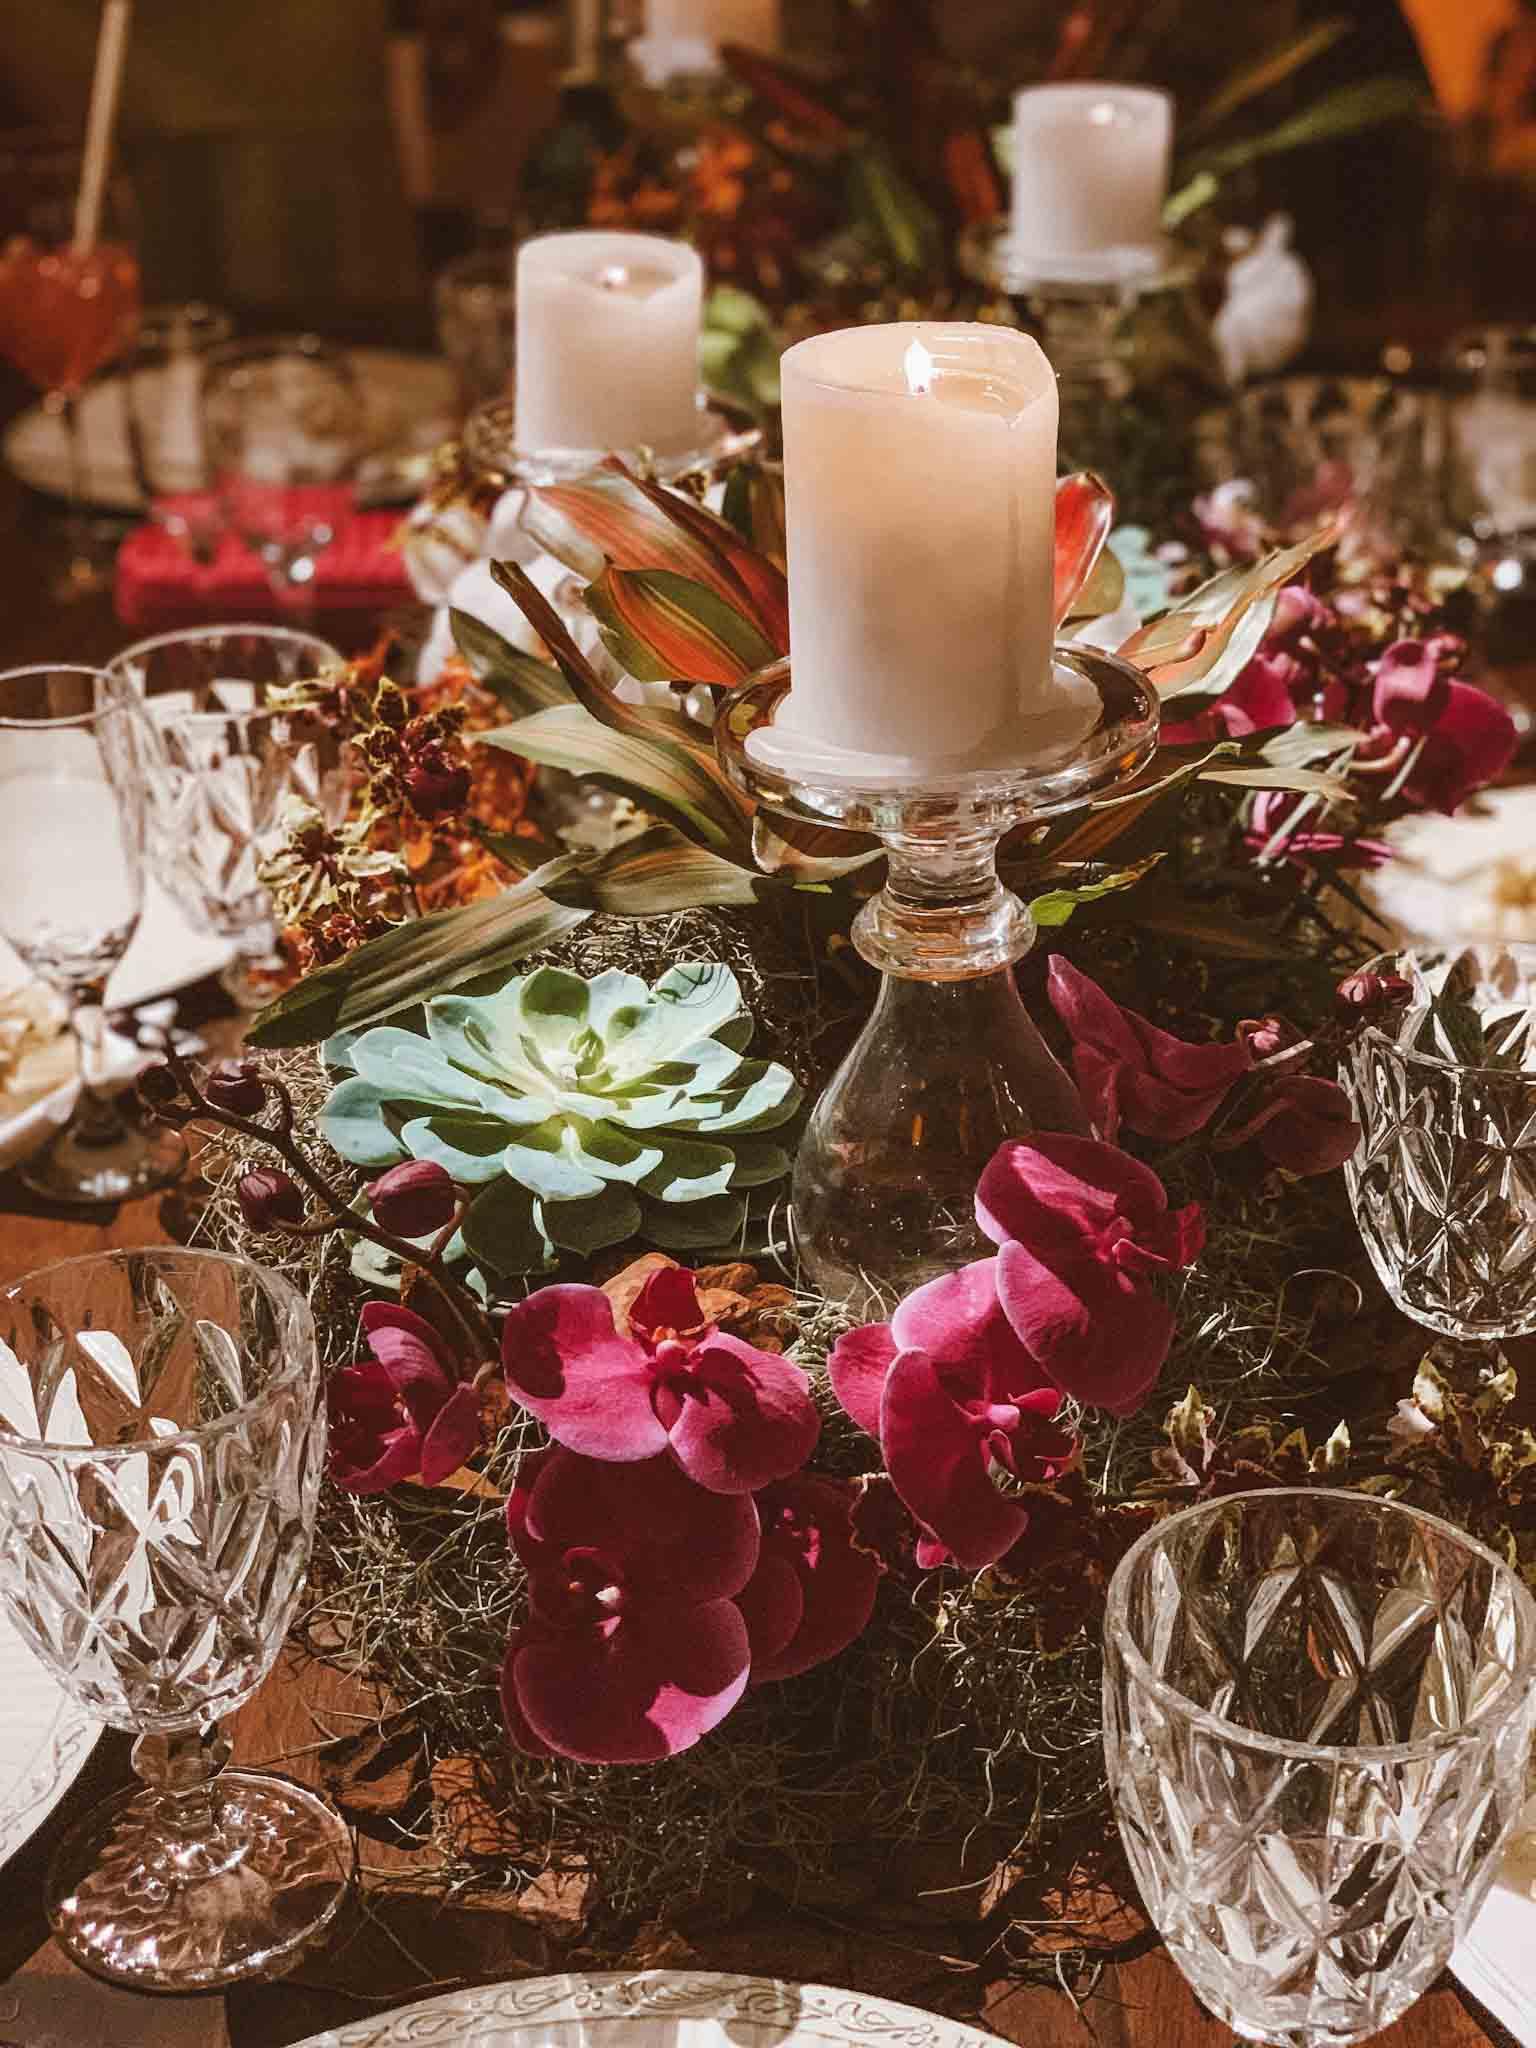 vela-mesa-convidados-casamento.jpg